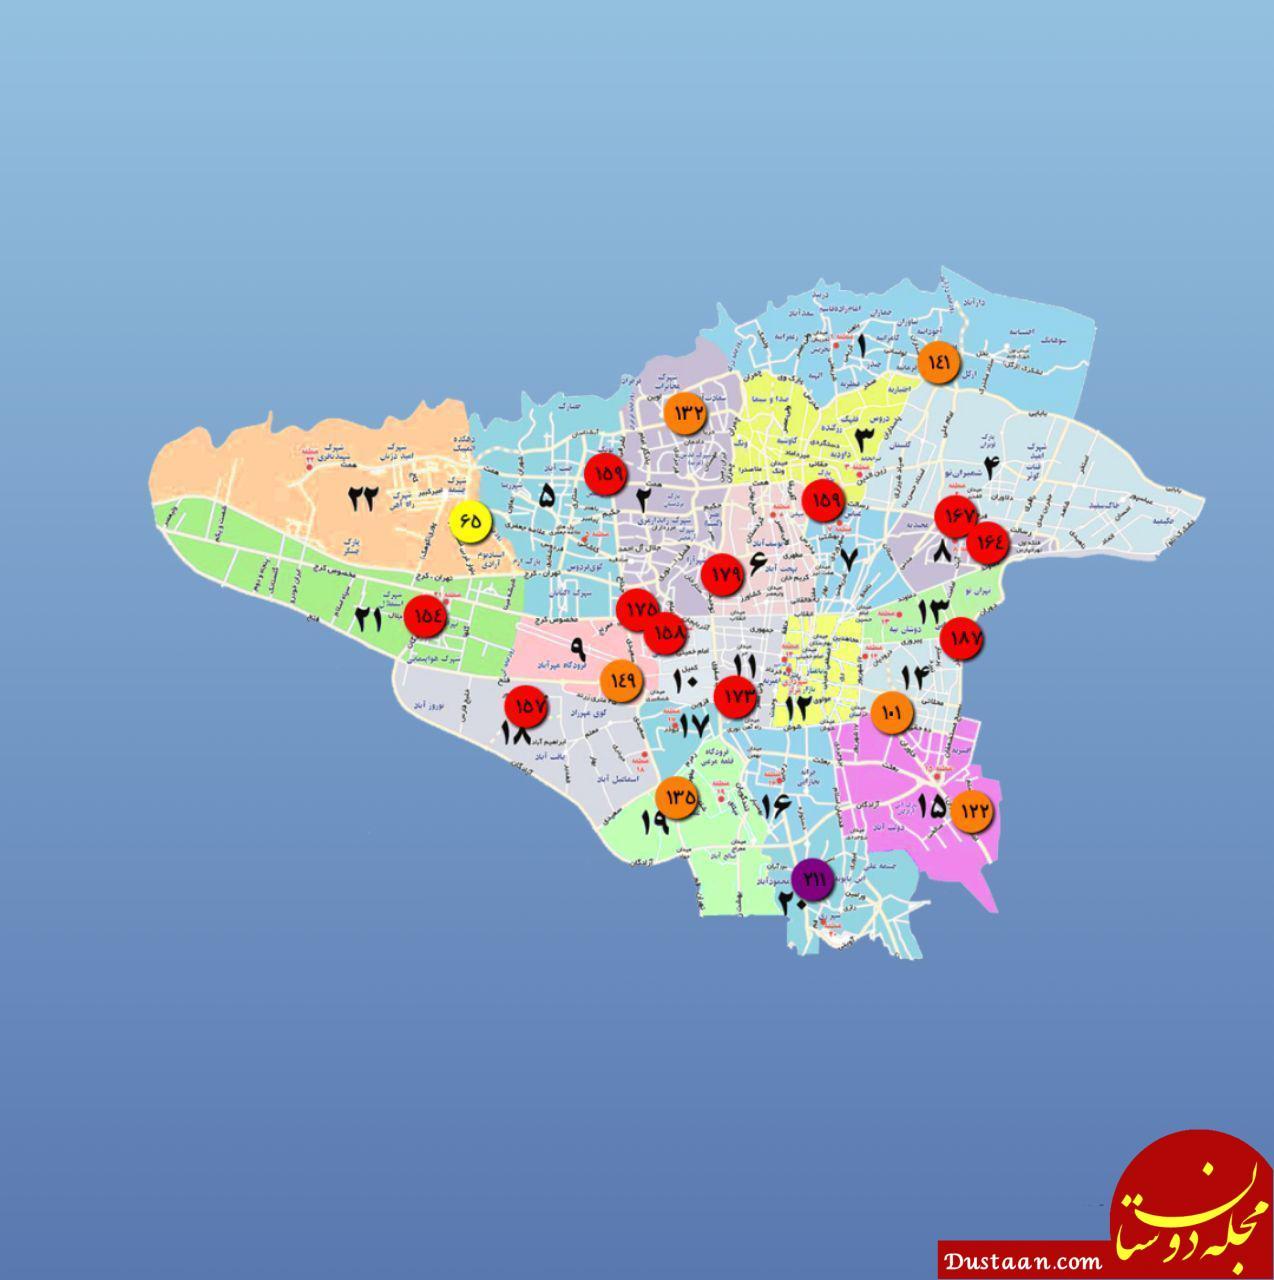 دوشنبه 15 بهمن/ نقشه دمای هوای مراکز استان ها